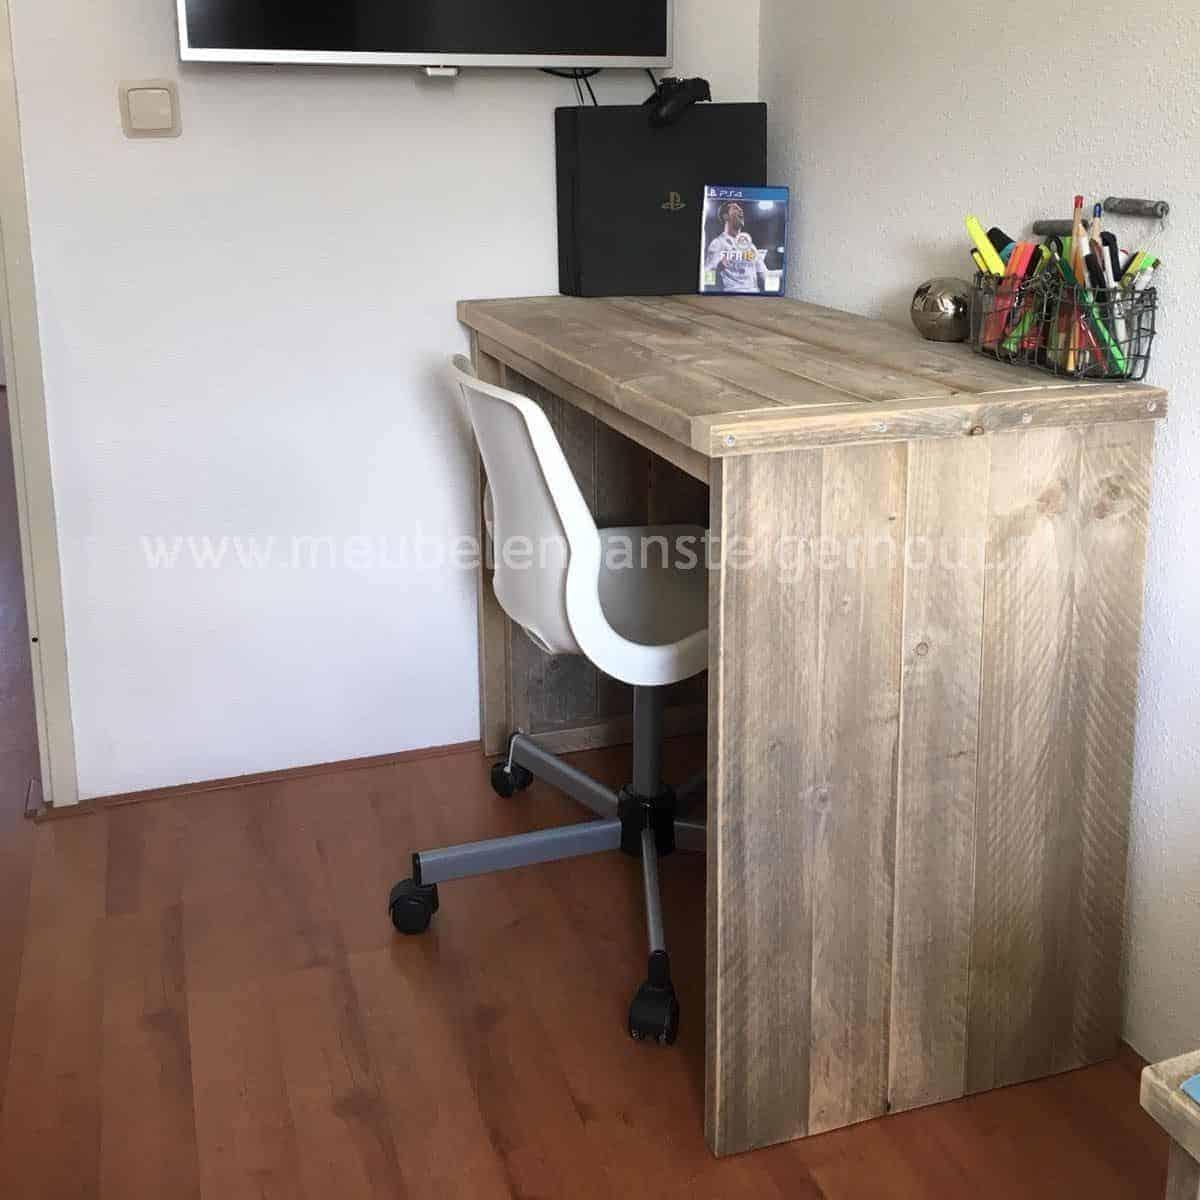 Steigerhout kinderbureau met GRATIS bureaustoel   Meubelen